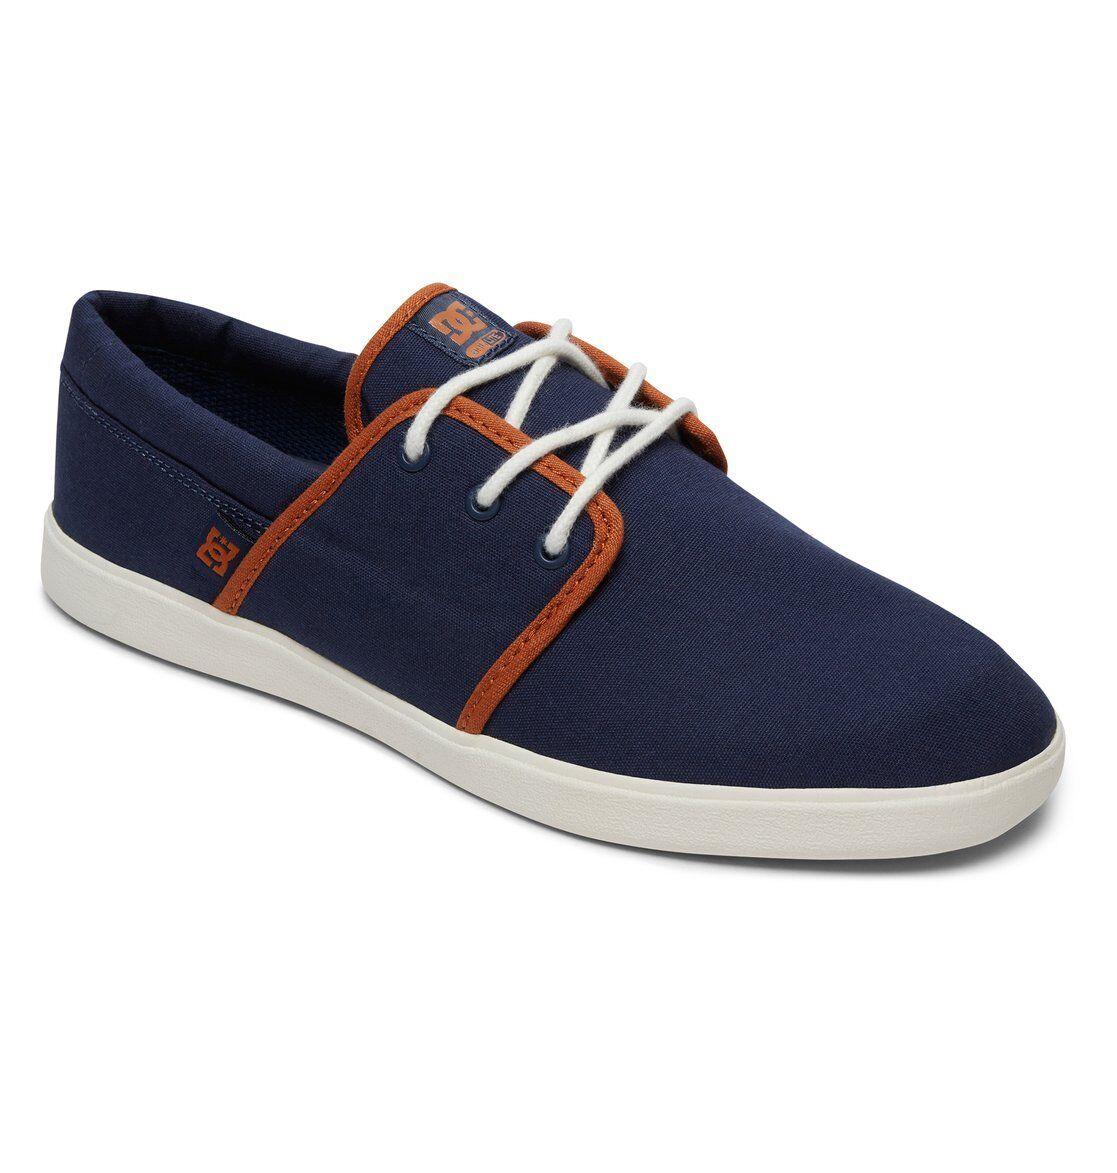 Basket DC Zapatos réf 320188 / haven navy / 320188 chocolate  du 41 au 45 f17c64